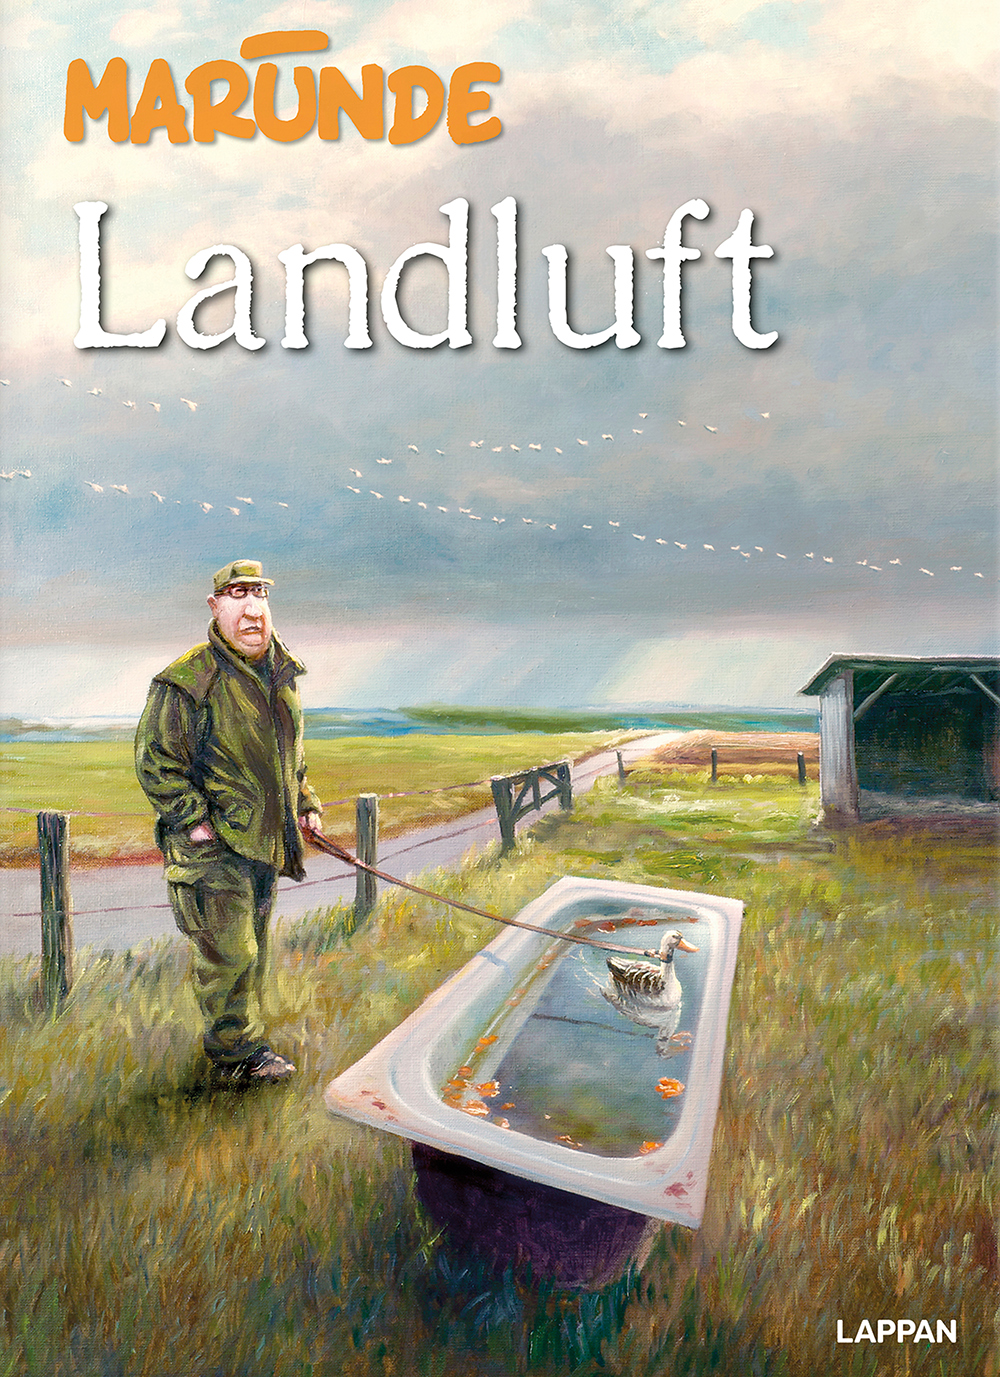 Marunde: Landluft